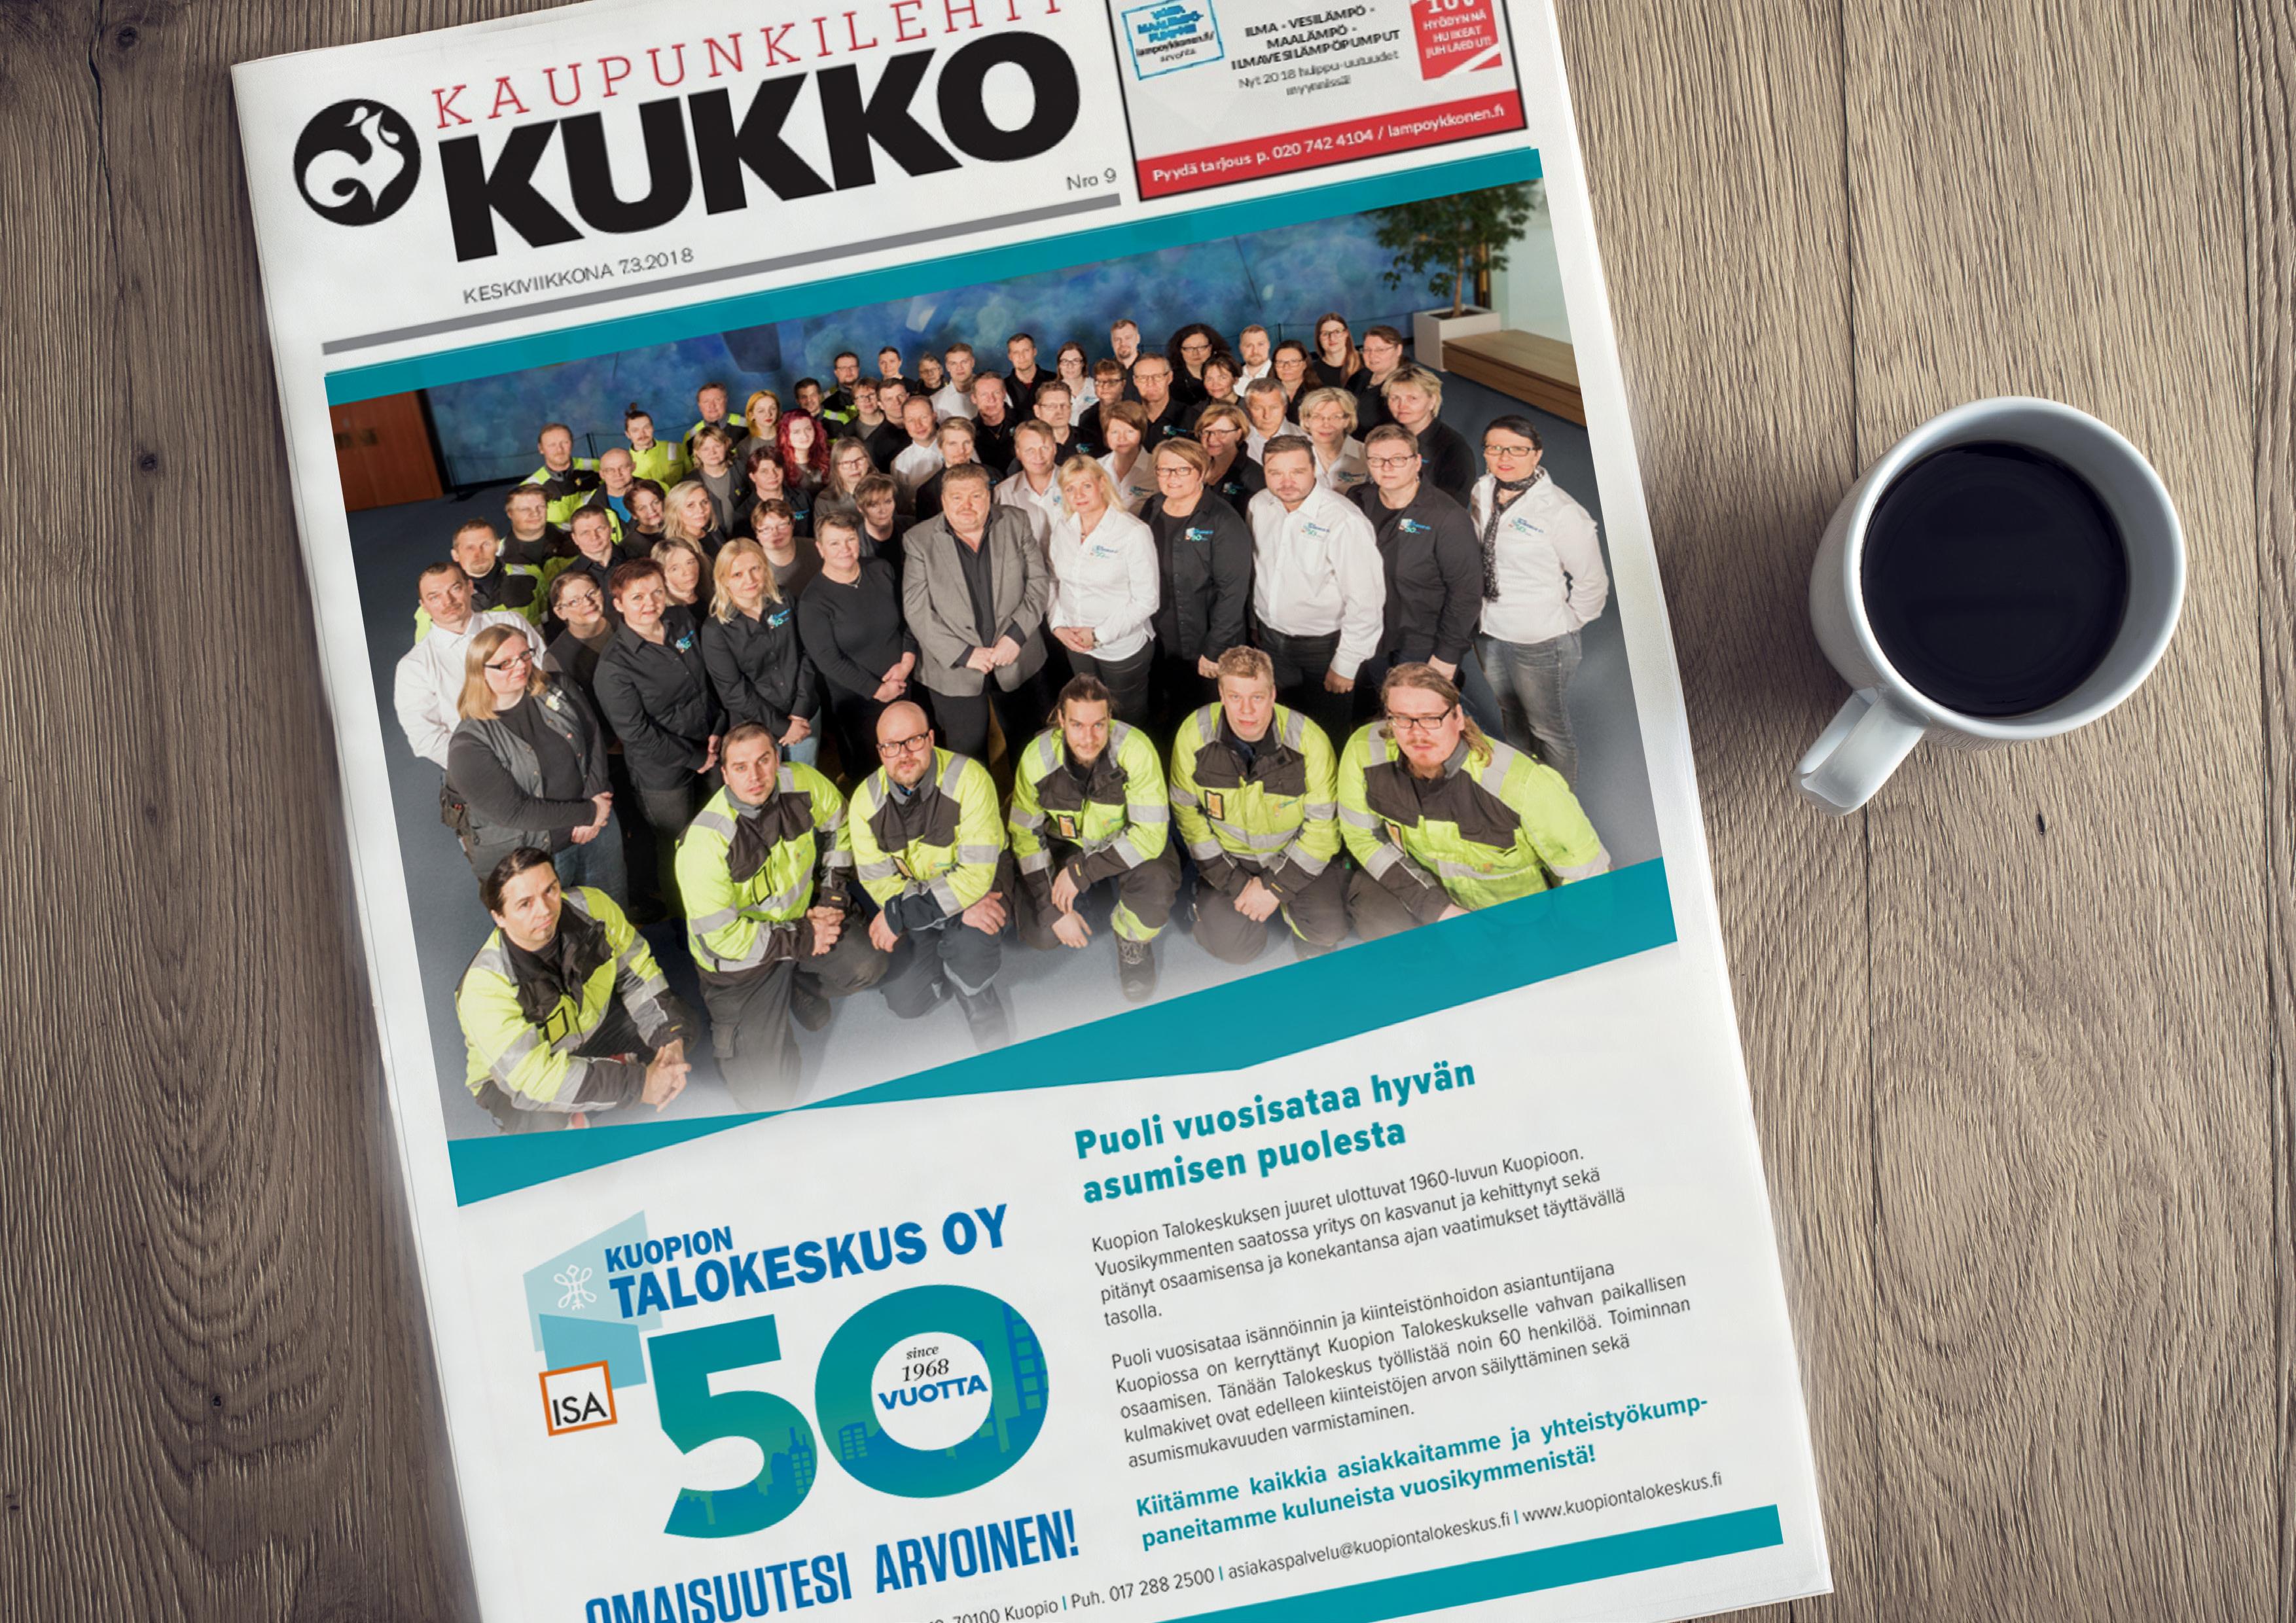 Työnäye: Kuopion talokeskus, lehtimainos, kaupunkilehti kukko